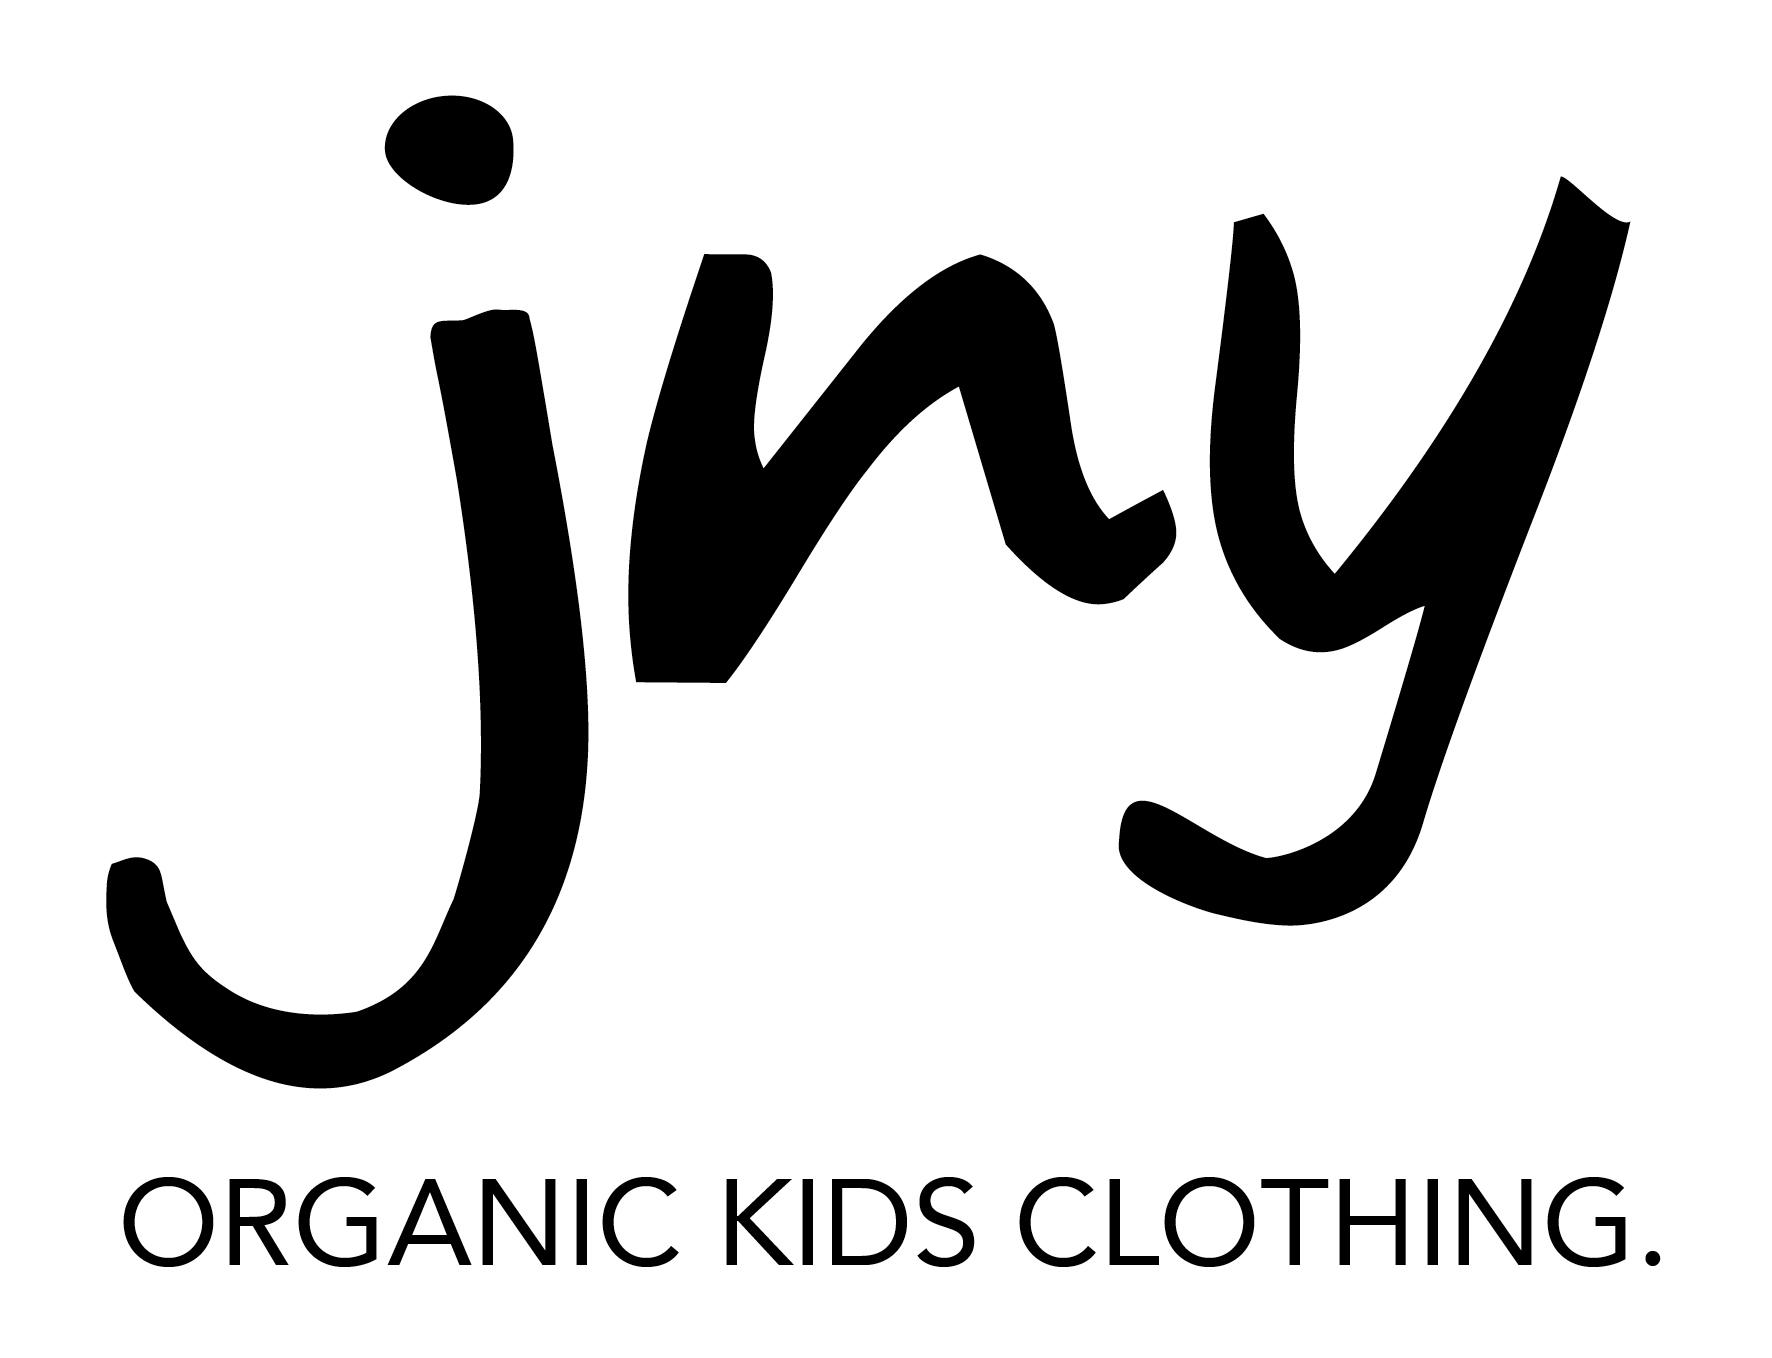 miljömärkta kläder wikipedia